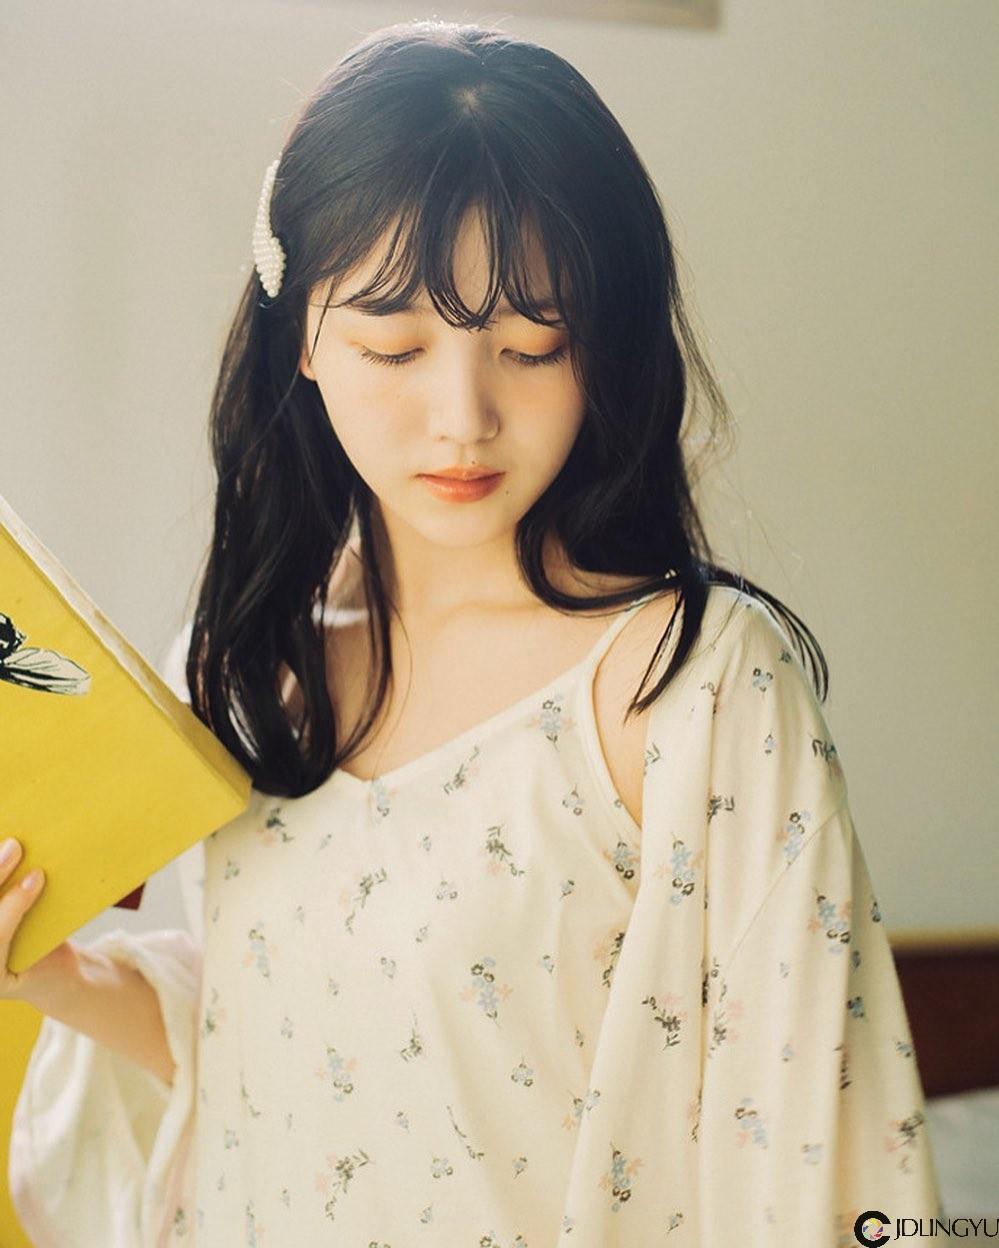 乃木坂46气质担当「久保史绪里」甜美外型清纯可人 邻家女孩气质更是让人深陷其中